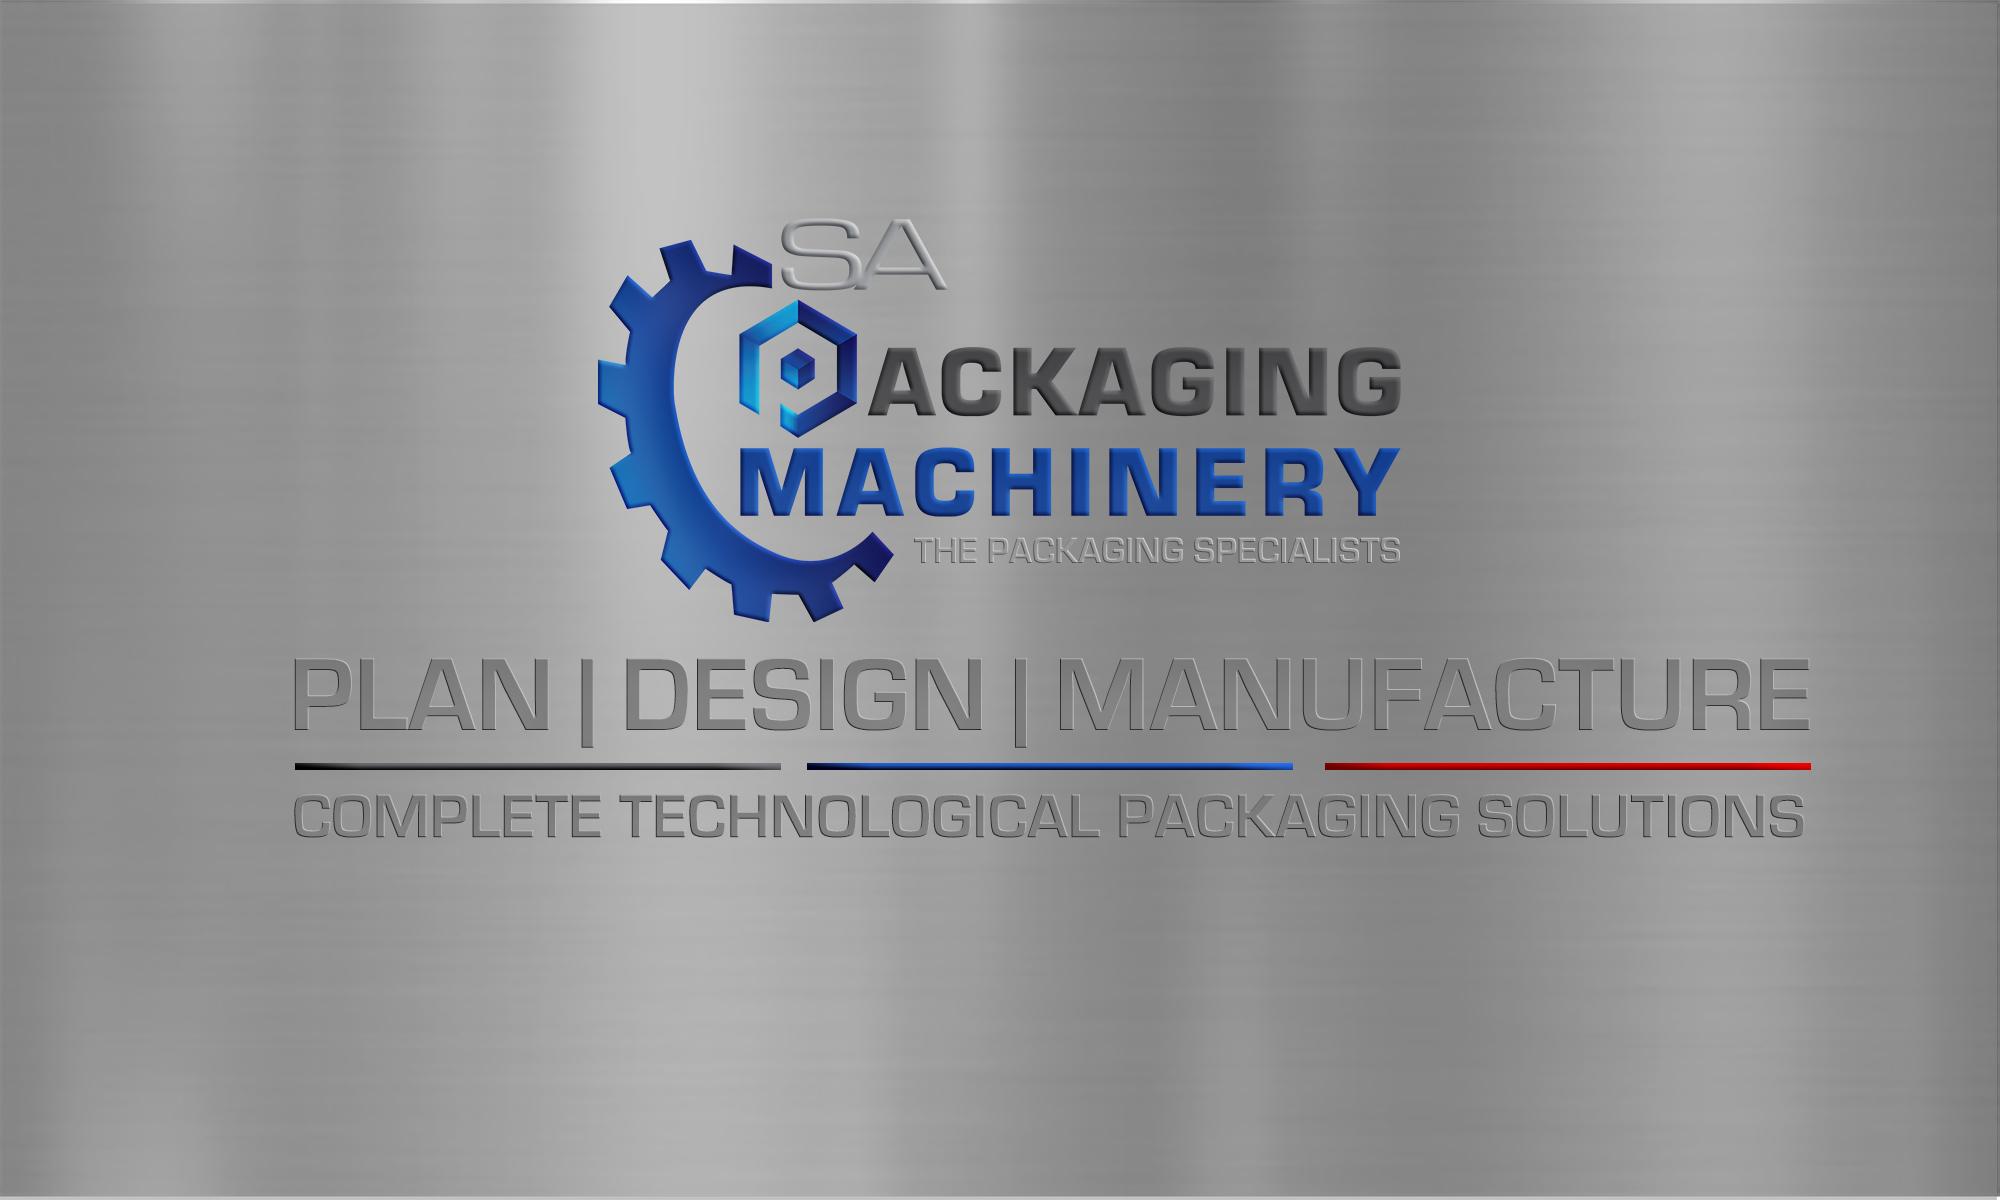 SA PACKAGING MACHINERY